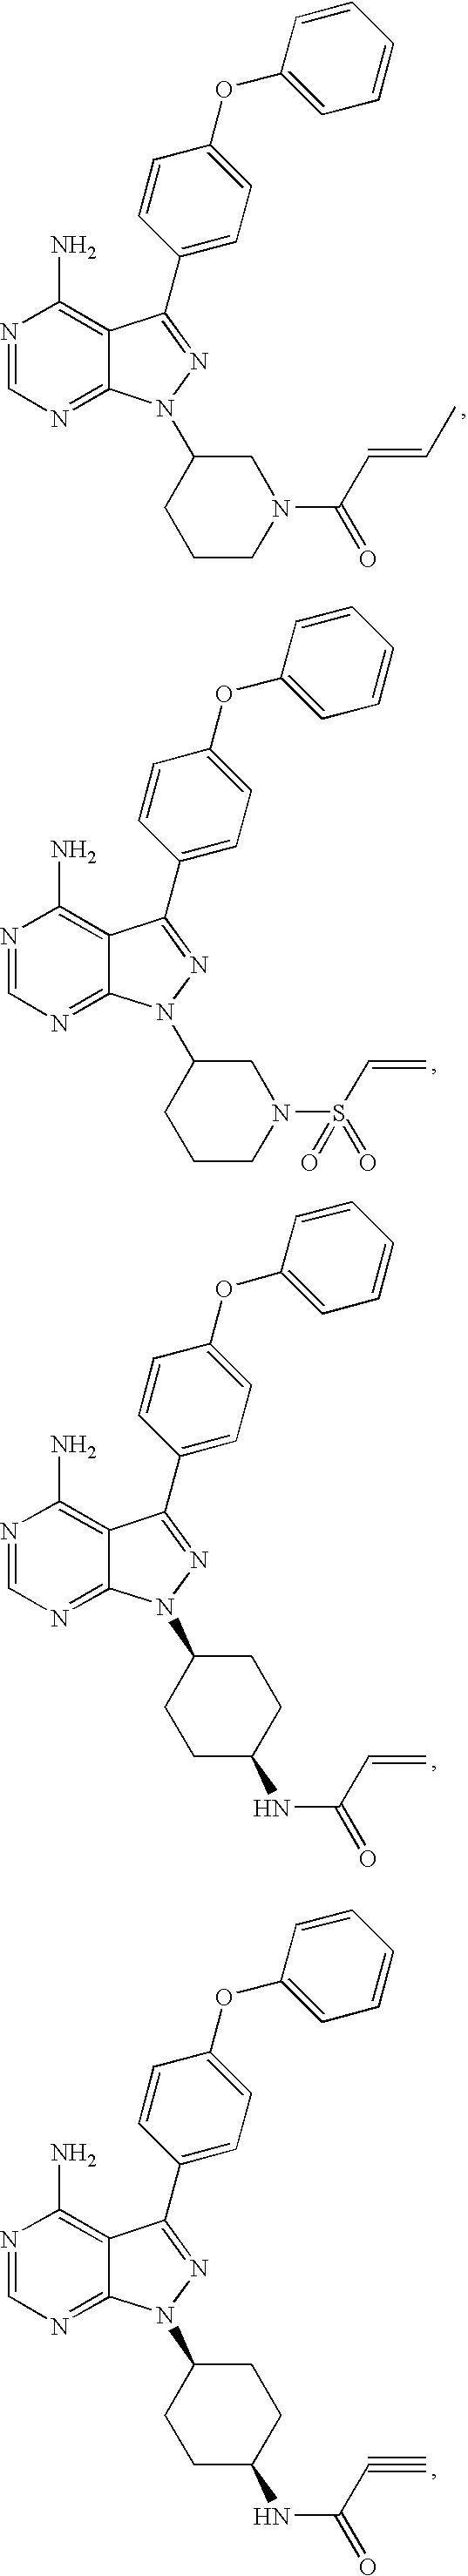 Figure US07514444-20090407-C00018